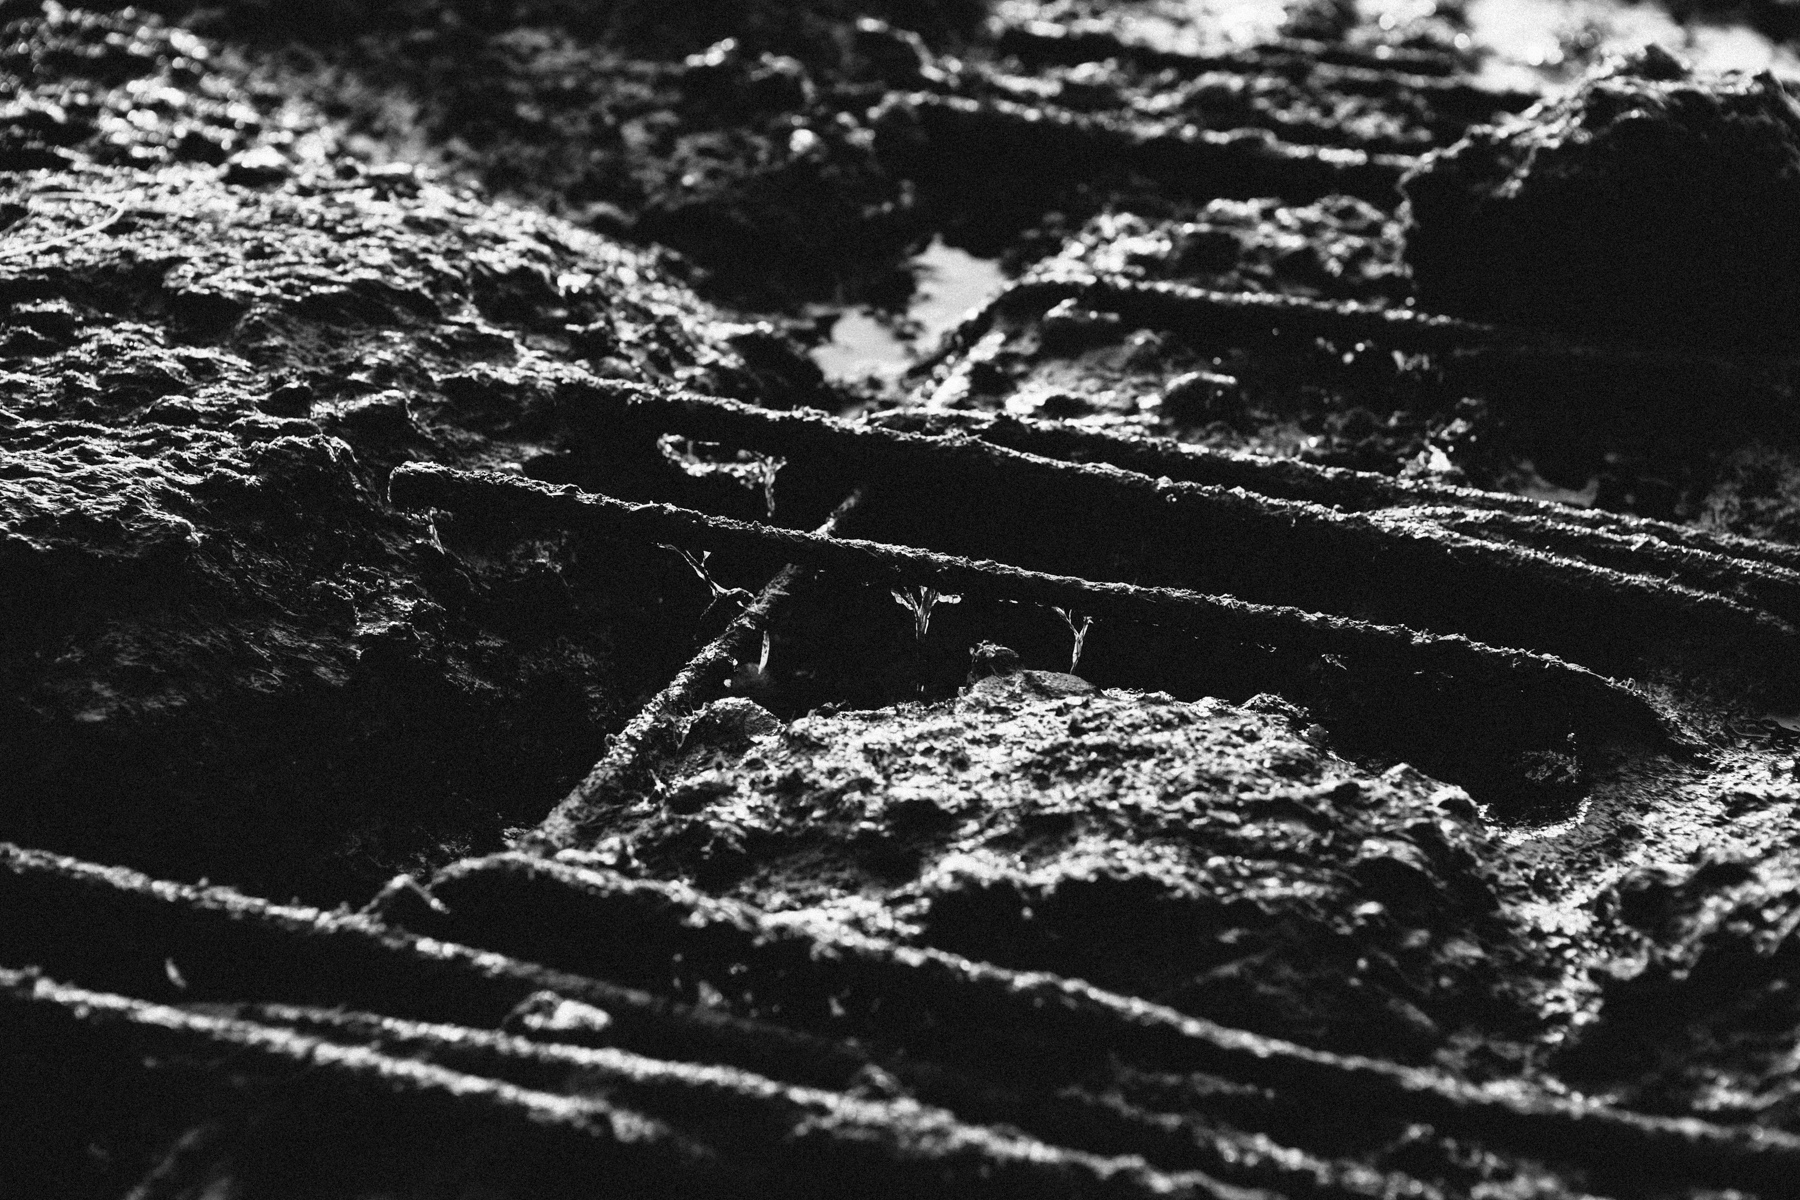 blackshore_068-2.jpg